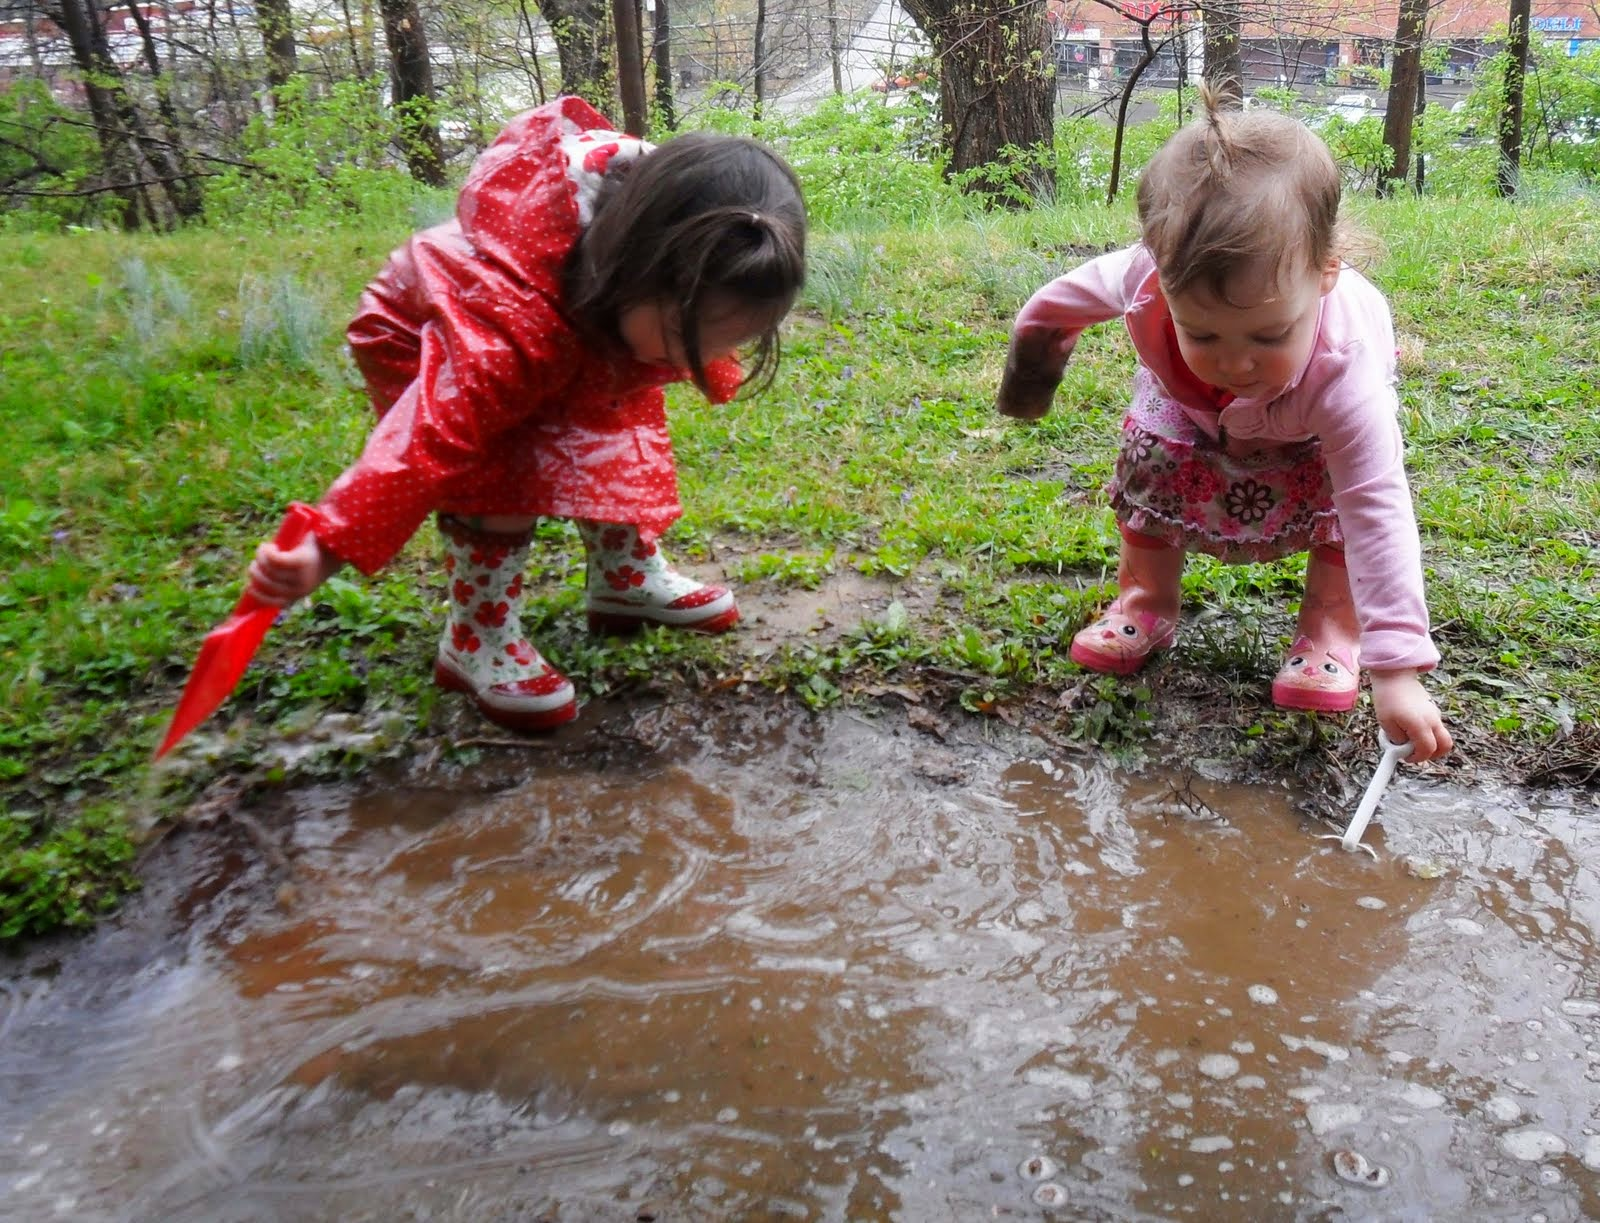 420c311ceffa6 J. LLOYD MORGAN S BLOG  Playing in the mud